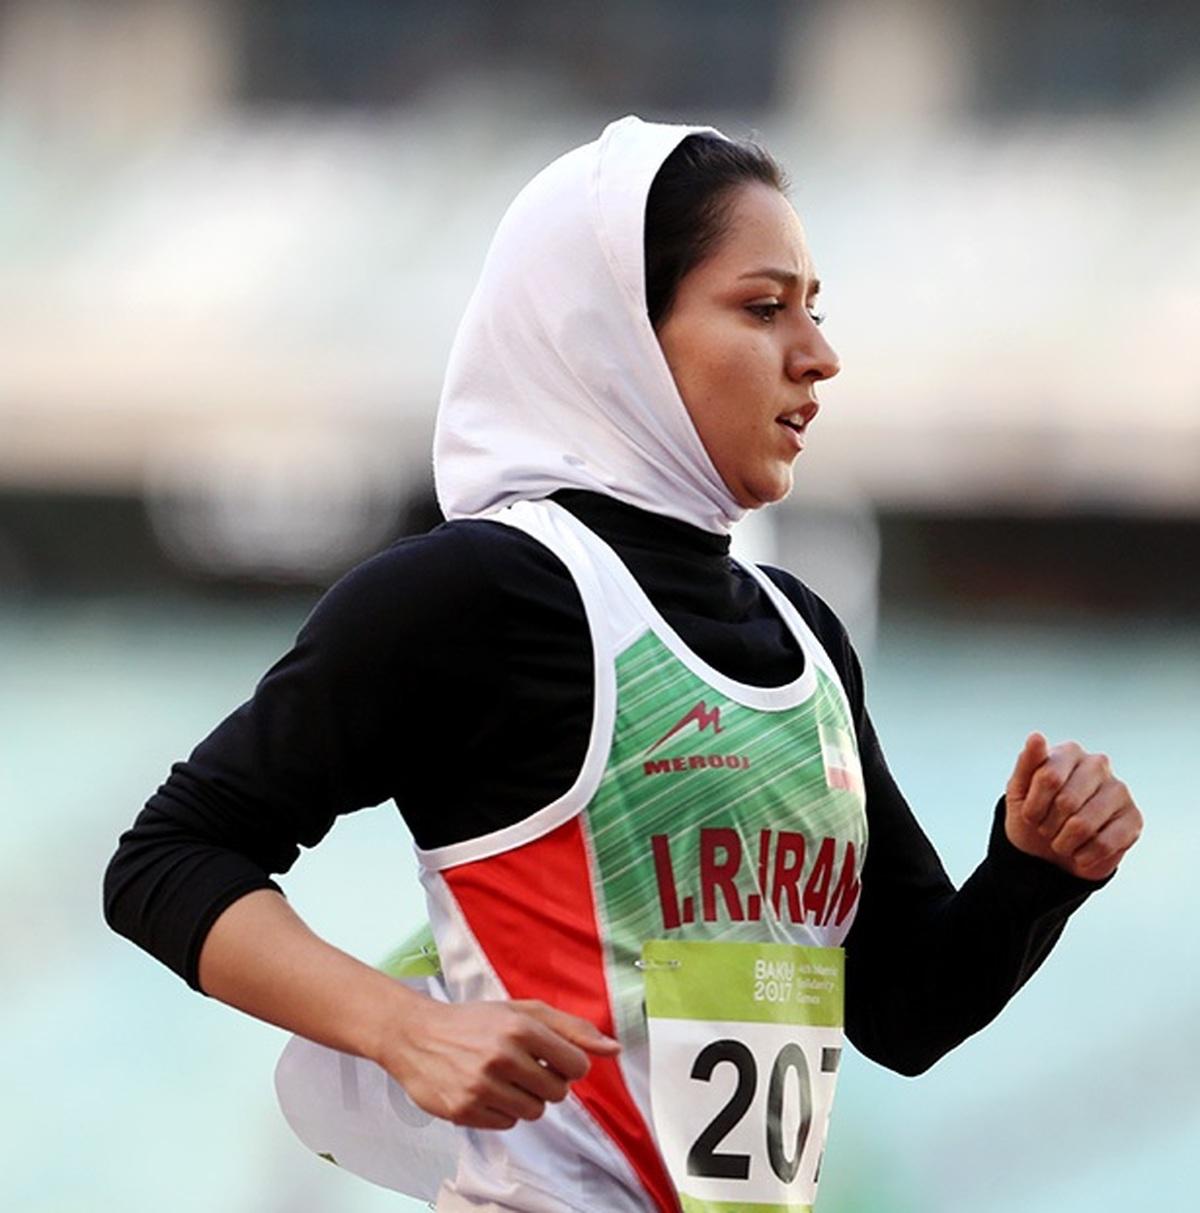 دوندهی زن ایرانی  |  فرزانه فصیحی به یک تیم صربستانی پیوست